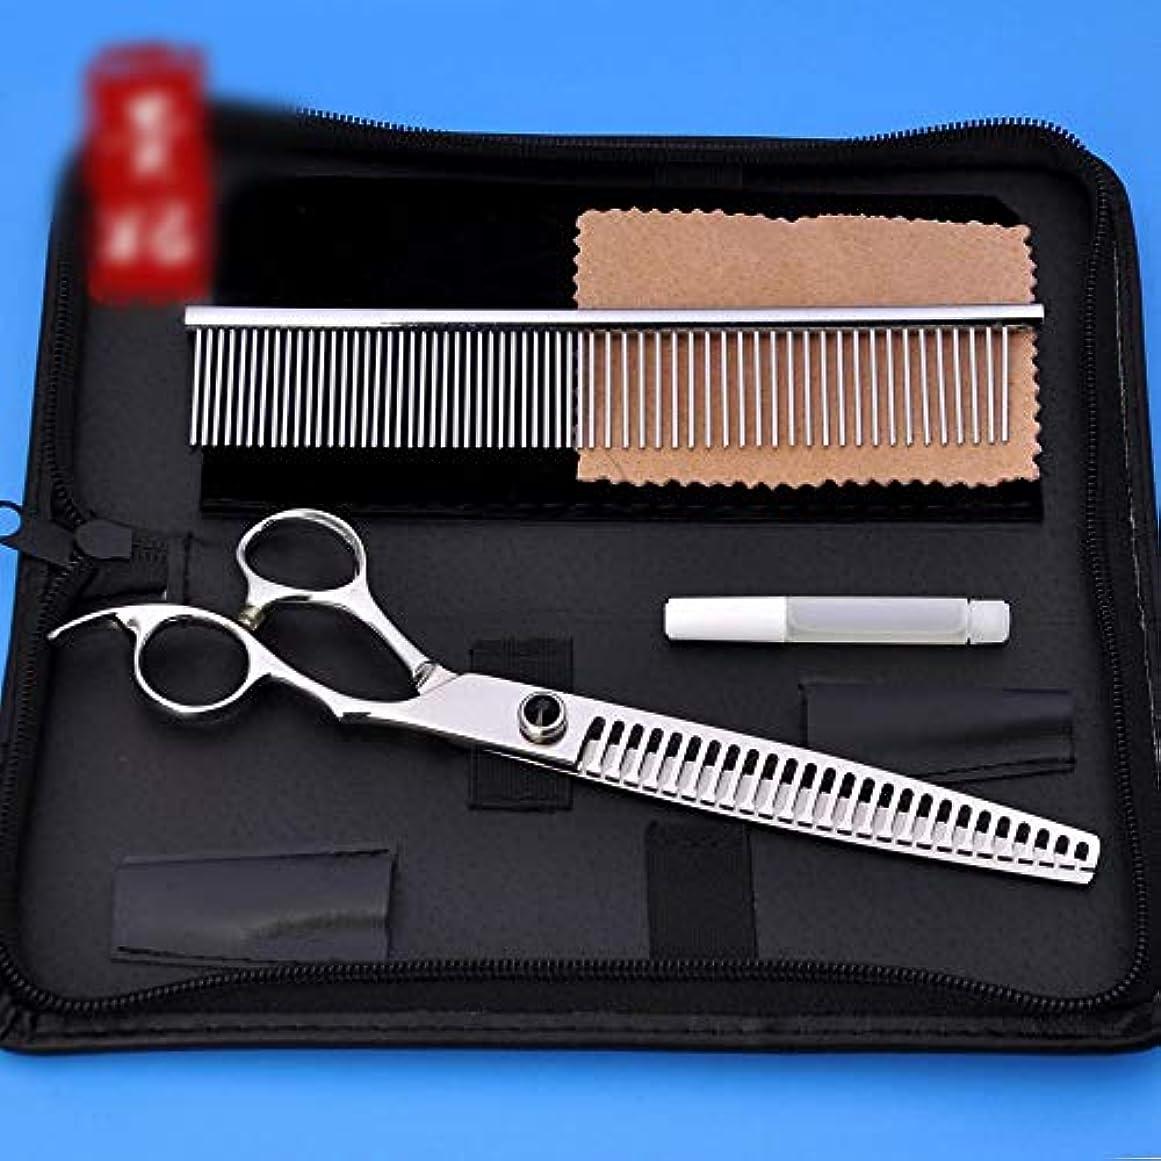 浸食塊軍団Hairdressing 8インチの魚の骨のペットのはさみ、ステンレス鋼のペットの髪のはさみ、ハイエンドのペットの髪のはさみの毛の切断はさみステンレス理髪師のはさみ (色 : Silver)